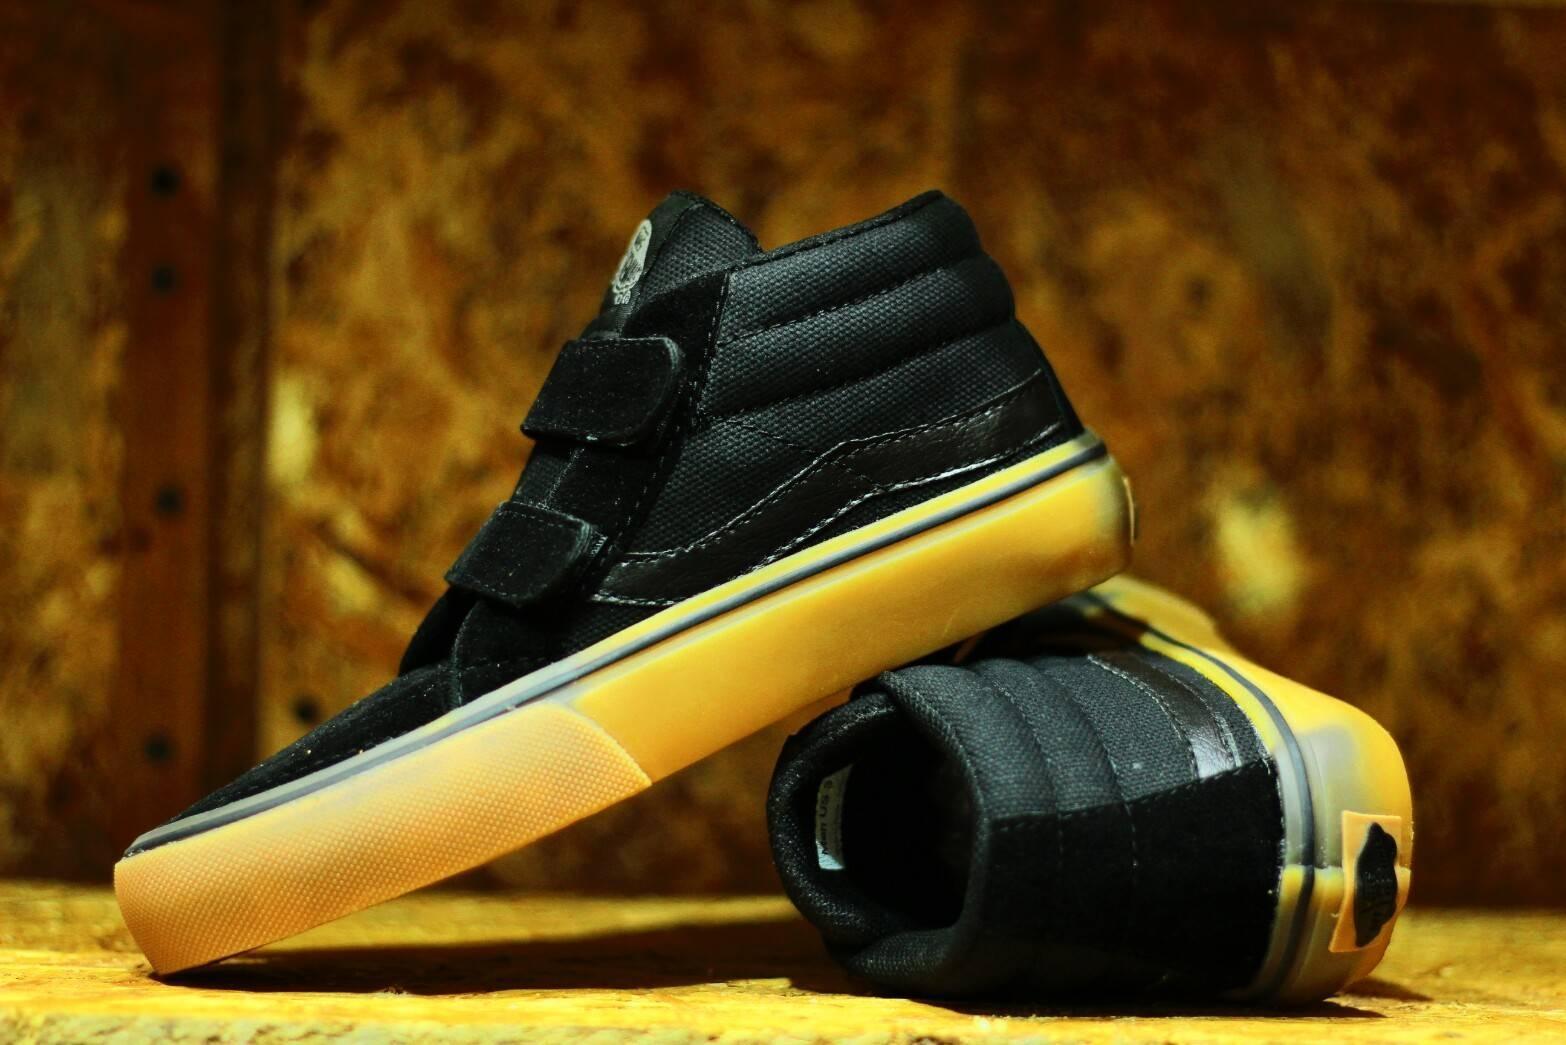 Daftar Harga Vans Golf Wang Black Gum Original Sepatu Casual Oldskool High Sol Kids Anak Termurah